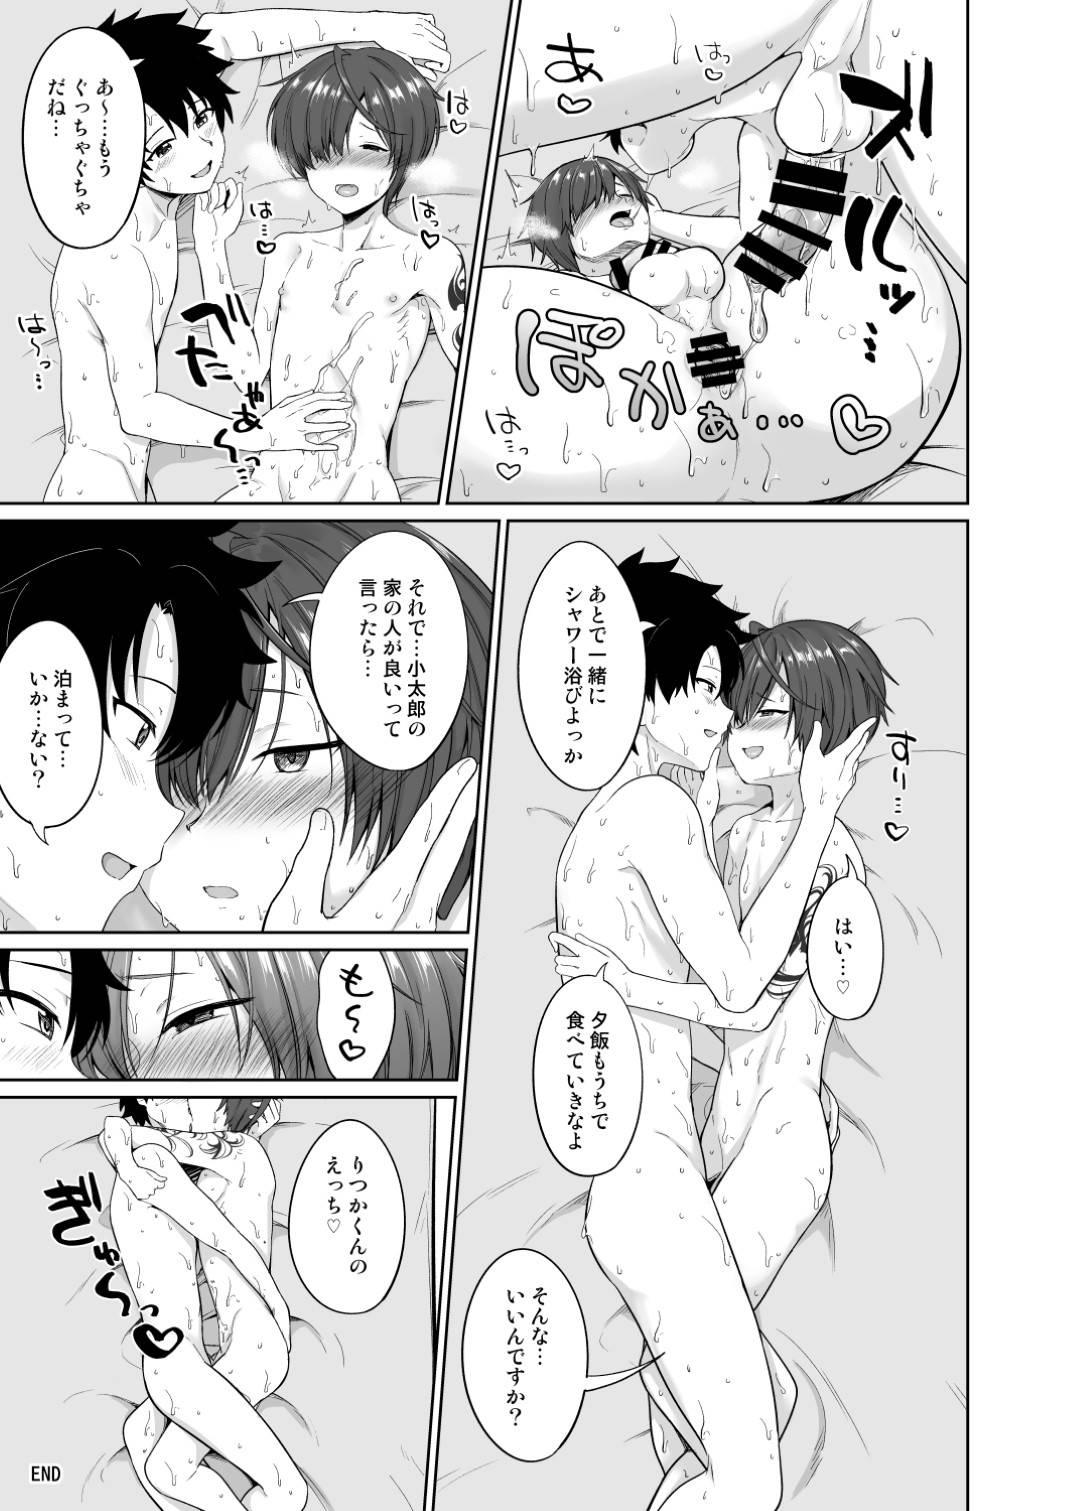 夏休みに恋人のぐだ男の家に遊びに来た小太郎…ゲームをして汗だくになった小太郎に興奮したぐだ男はディープキスすると脇や乳首を舐める。小太郎はフェラでご奉仕するとイチャラブアナルセックス!